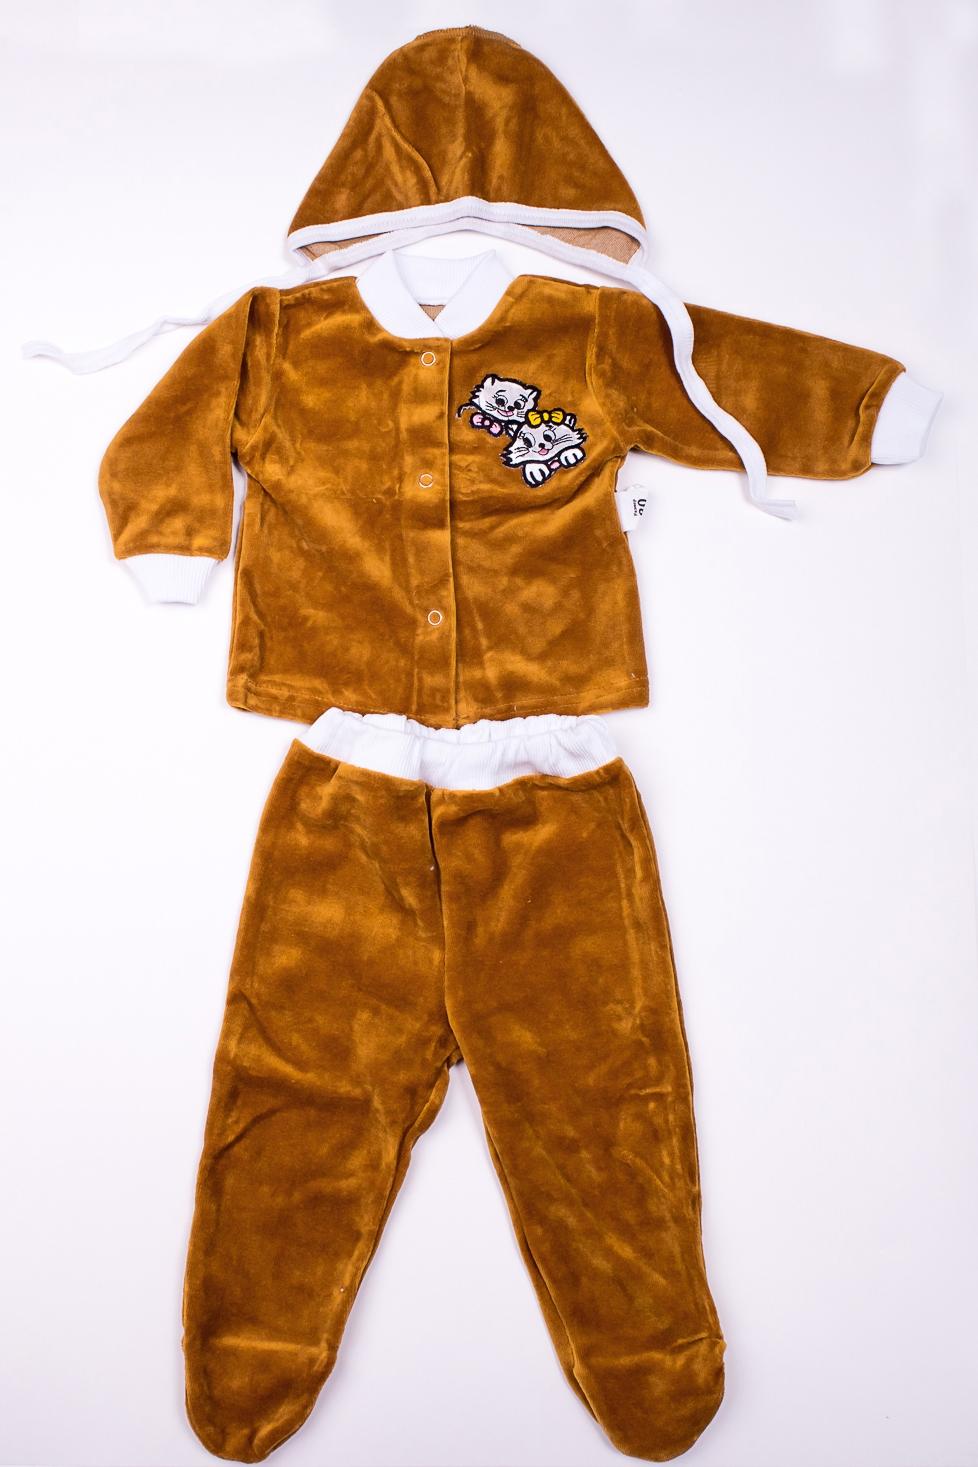 КостюмКомплекты<br>Мягкий костюм для новорожденного. В костюм входит кофточка, ползунки и чепчик  В изделии использованы цвета: коричневый и др.  Размер соответствует росту ребенка<br><br>По сезону: Осень,Весна<br>Размер : 80<br>Материал: Велюр<br>Количество в наличии: 1